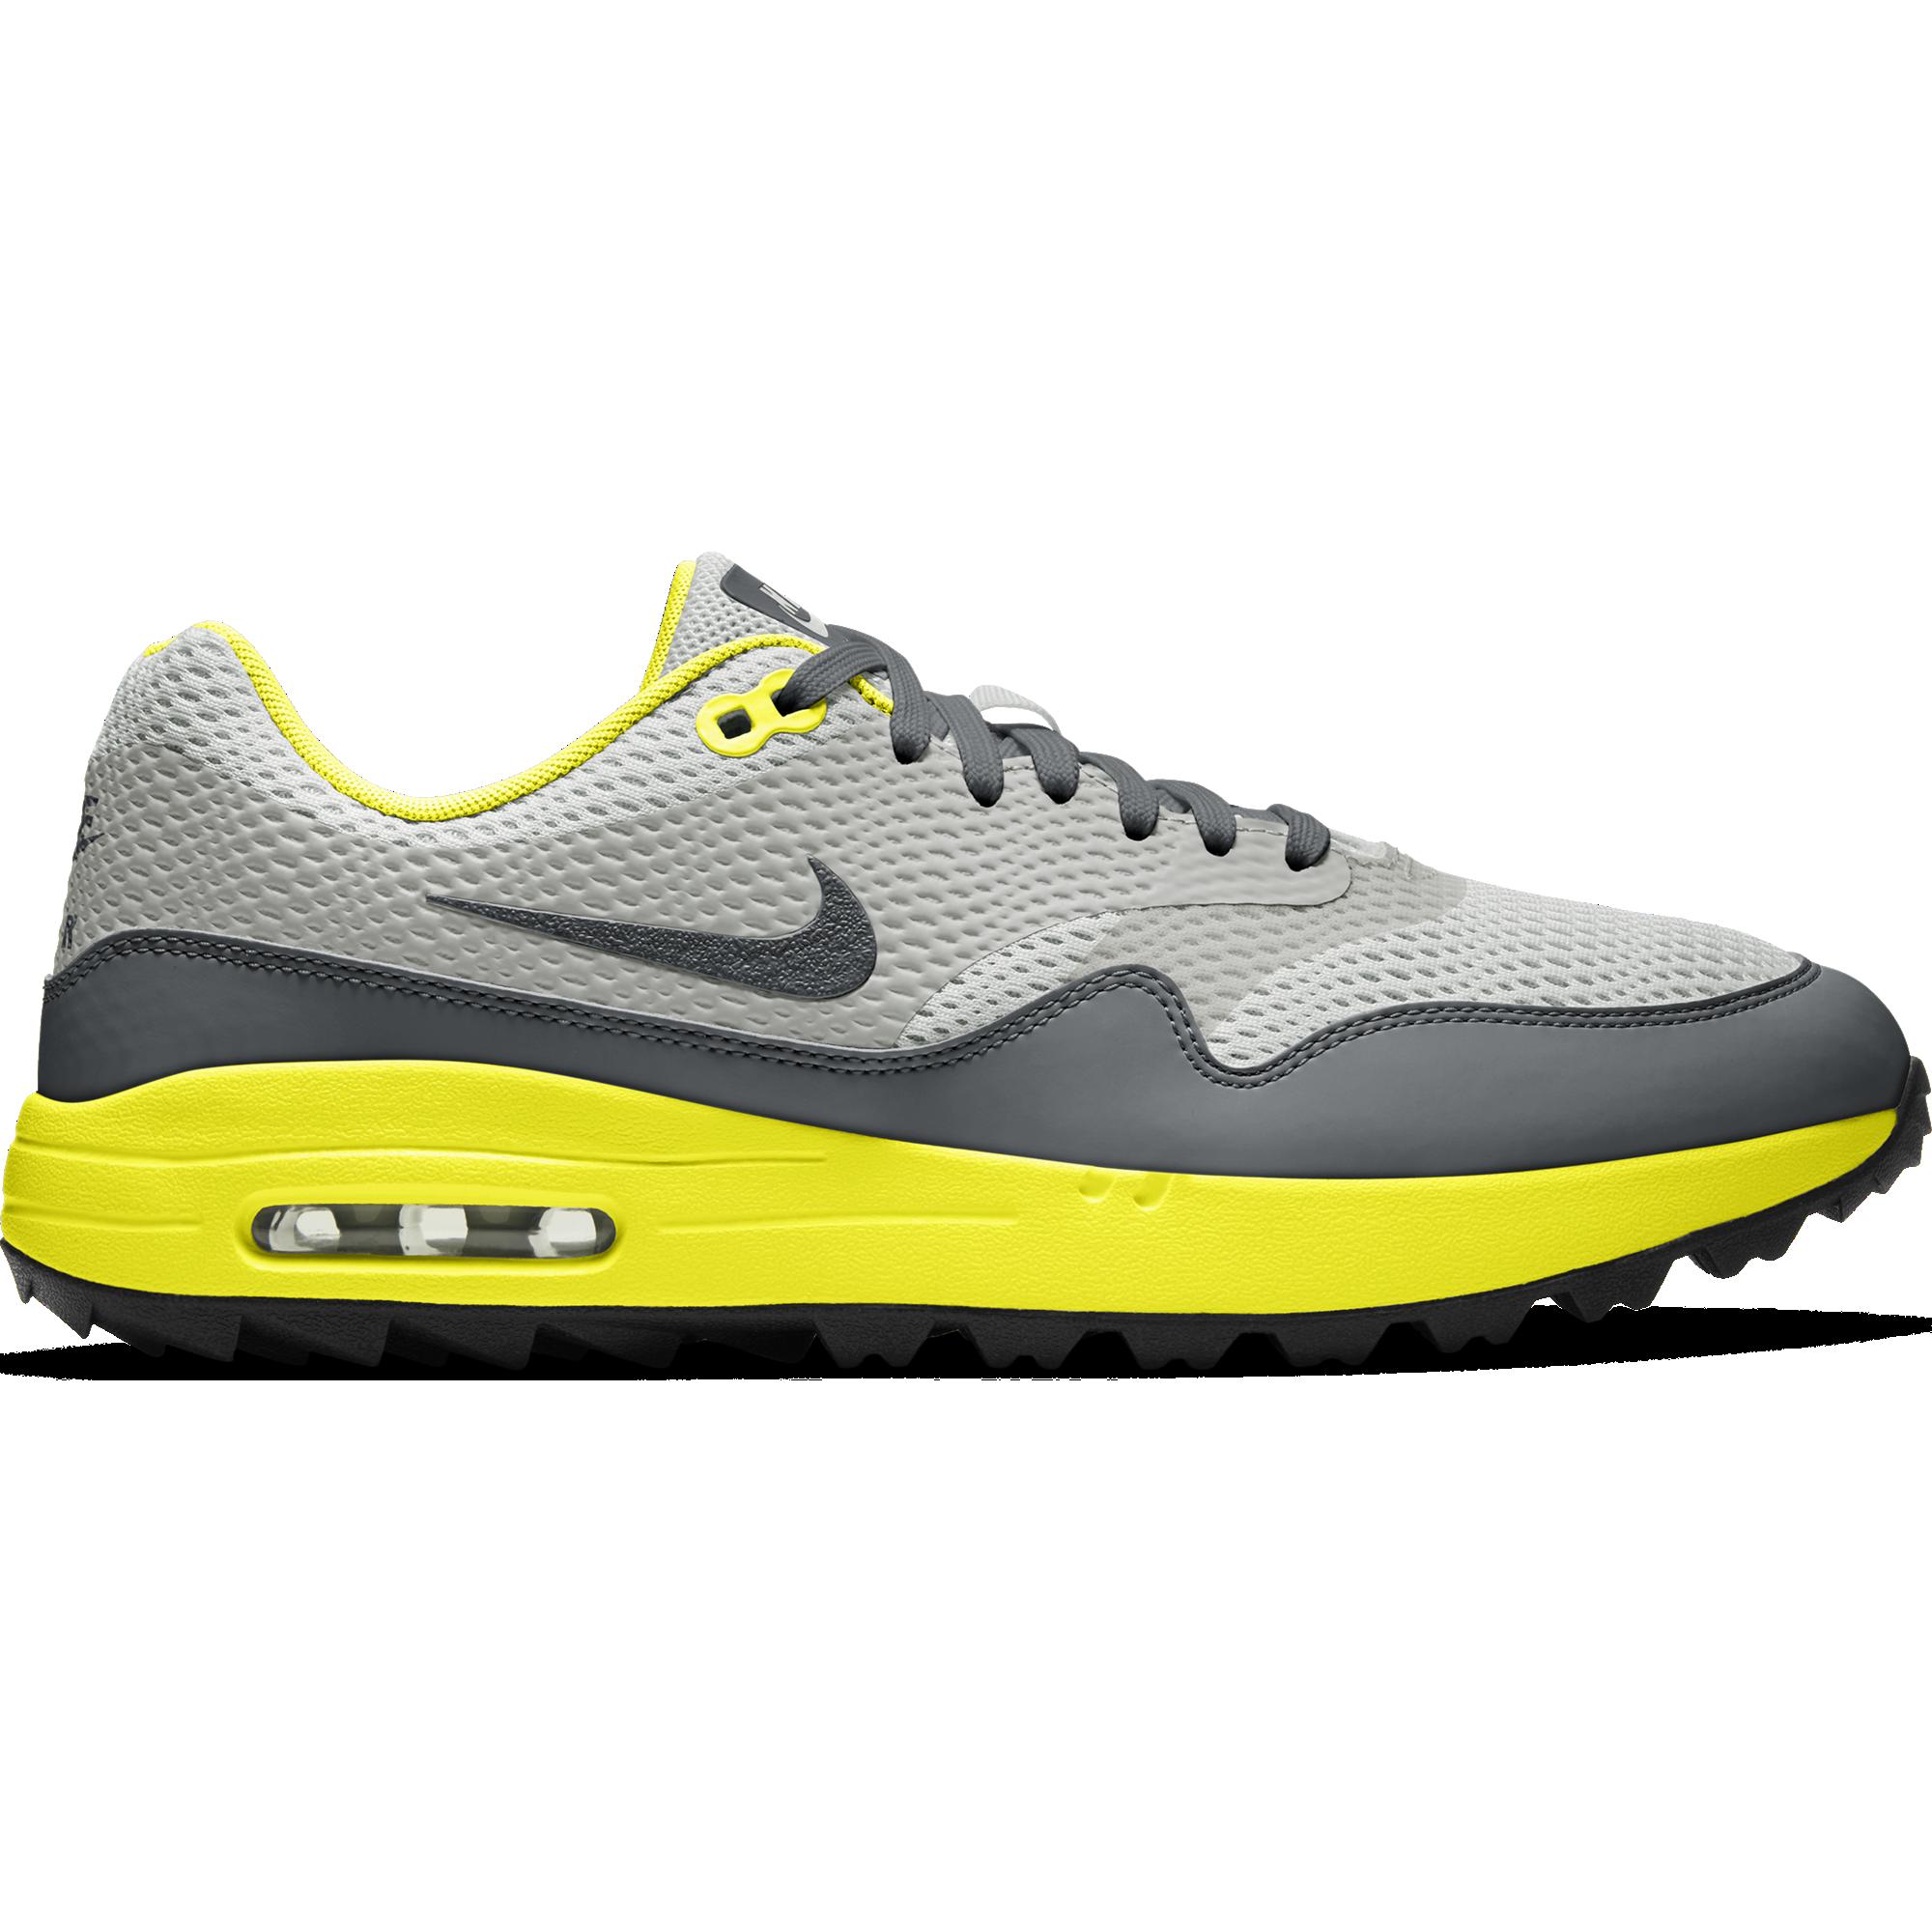 Nike Air Max 1 G Men's Golf Shoe - Grey